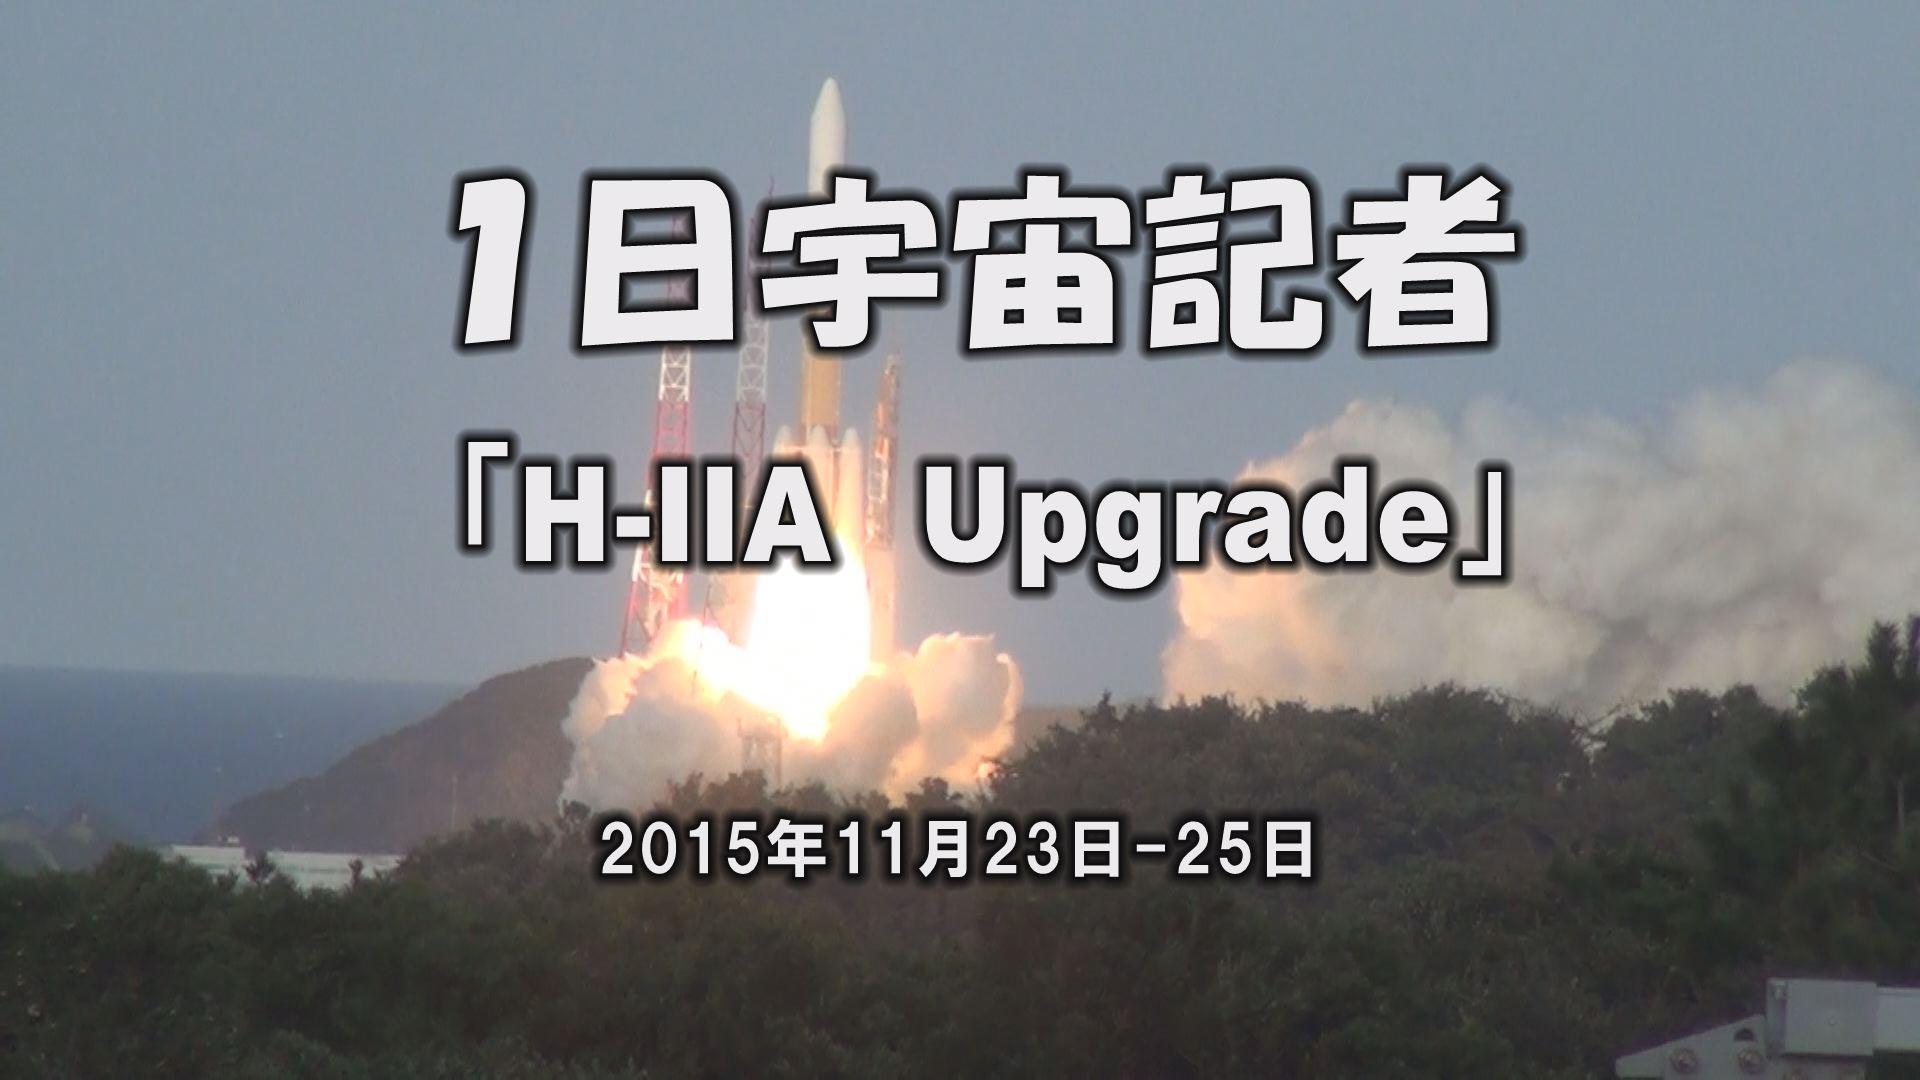 【宇宙教育テレビ】1日宇宙記者「H-IIA Upgrade」